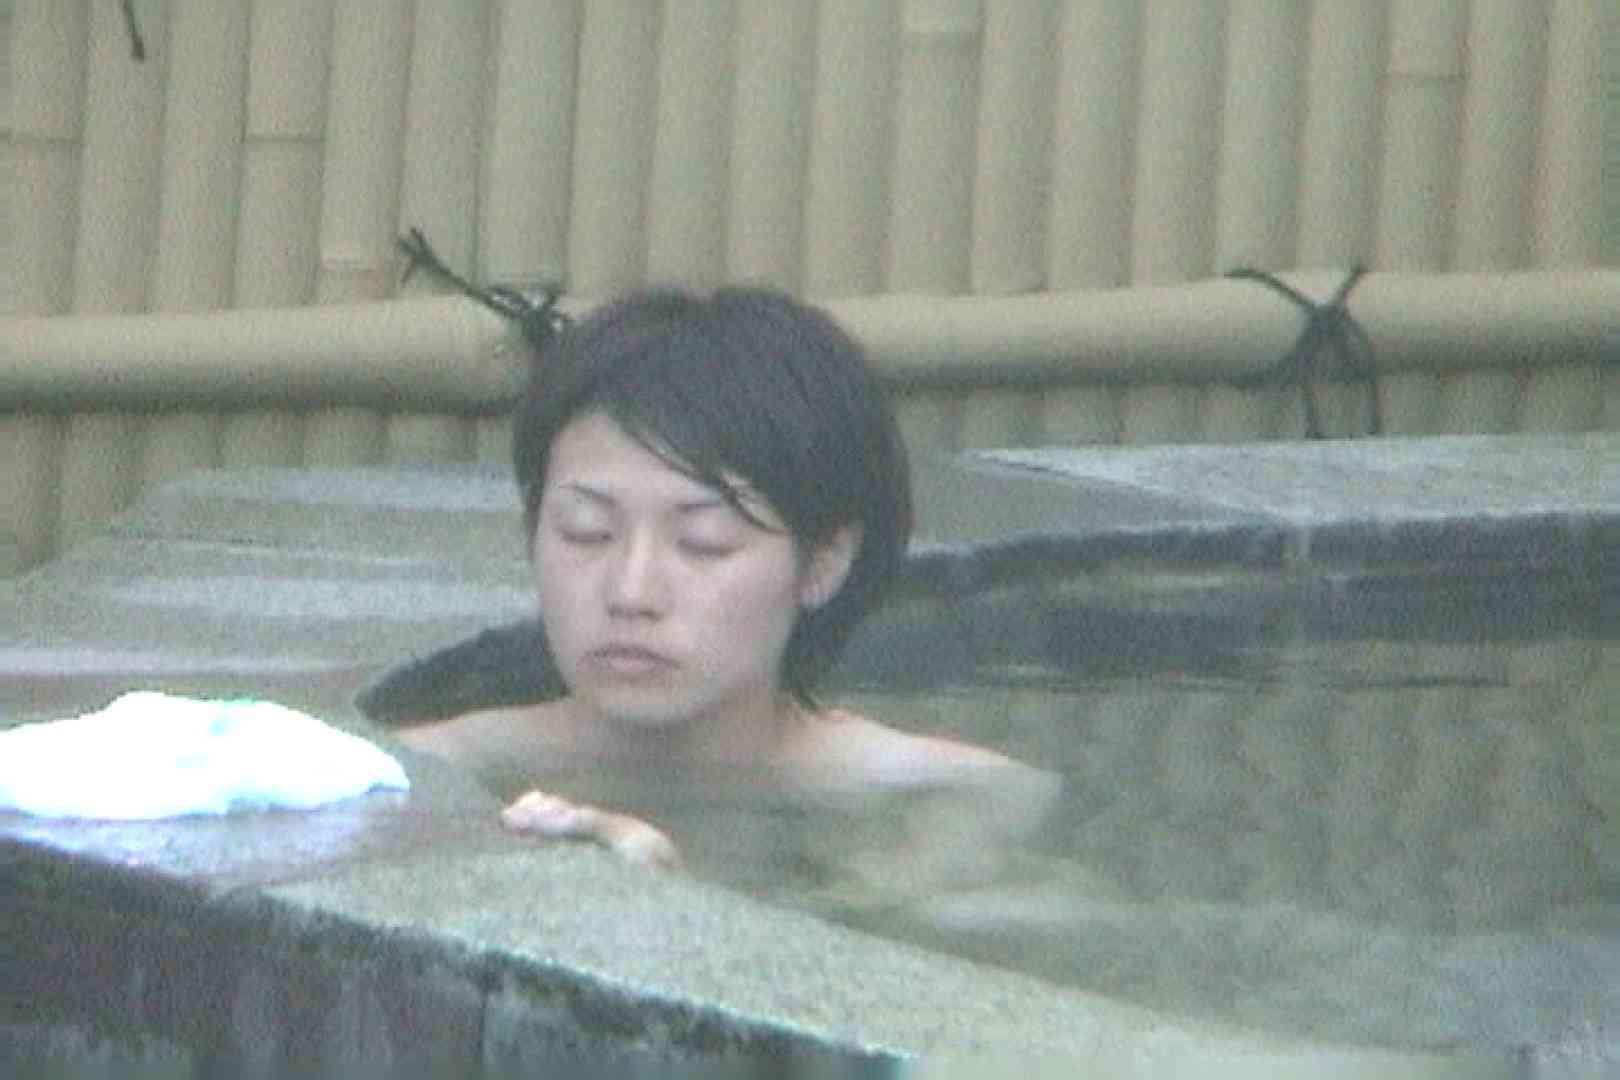 Aquaな露天風呂Vol.100【VIP限定】 盗撮 | 露天  98pic 48